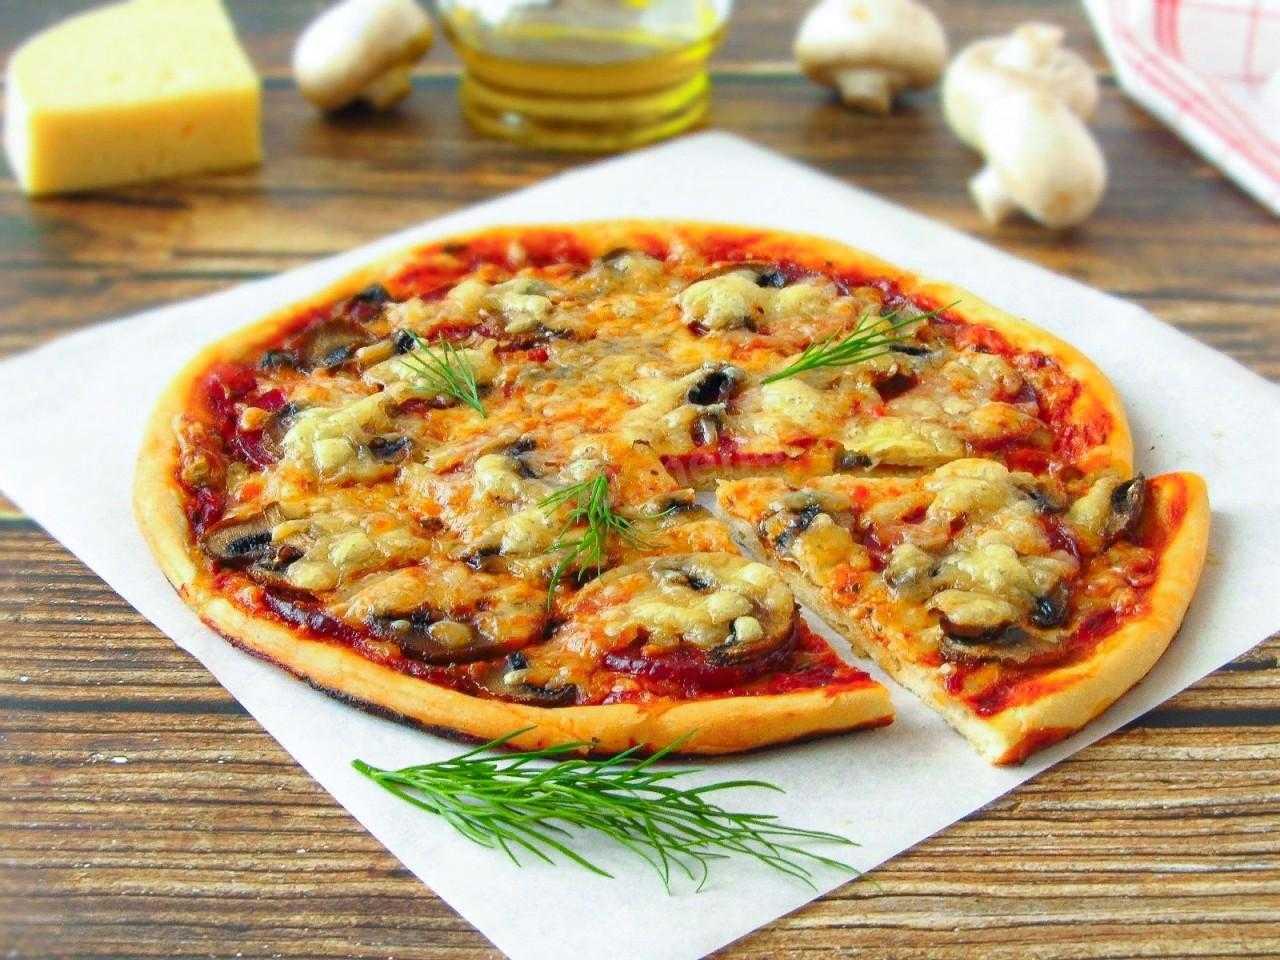 Пицца с грибами рецепт с фото пошагово: простые и вкусные варианты приготовления блюда